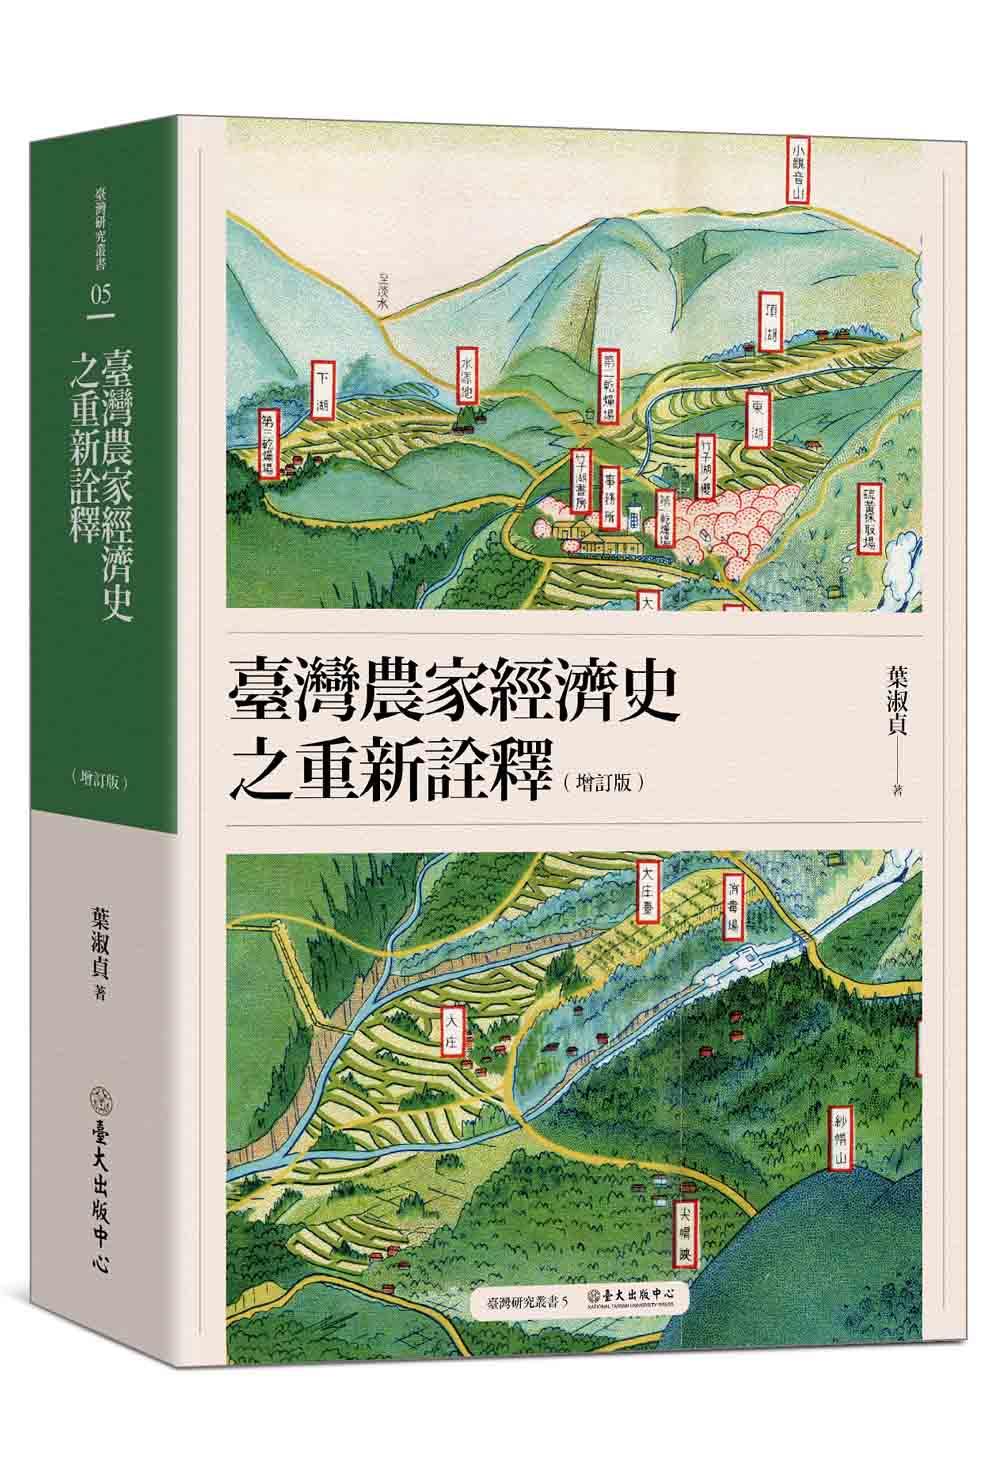 臺灣農家經濟史之重新詮釋(增訂版)